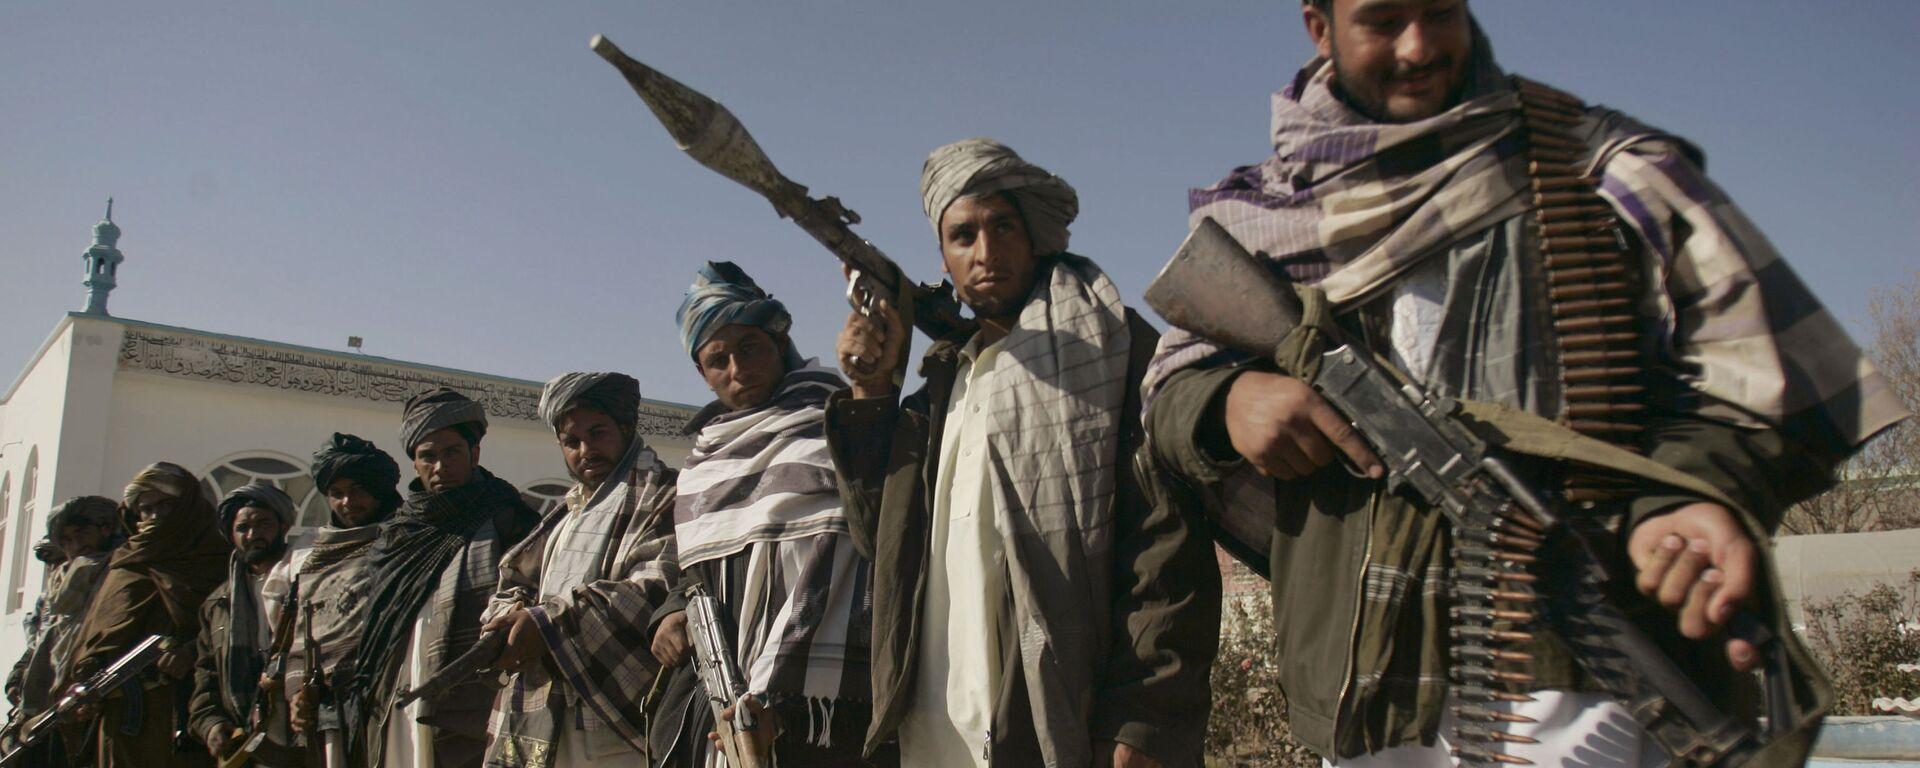 Бивши припадници покрета Талибан у Авганистану - Sputnik Србија, 1920, 22.07.2021